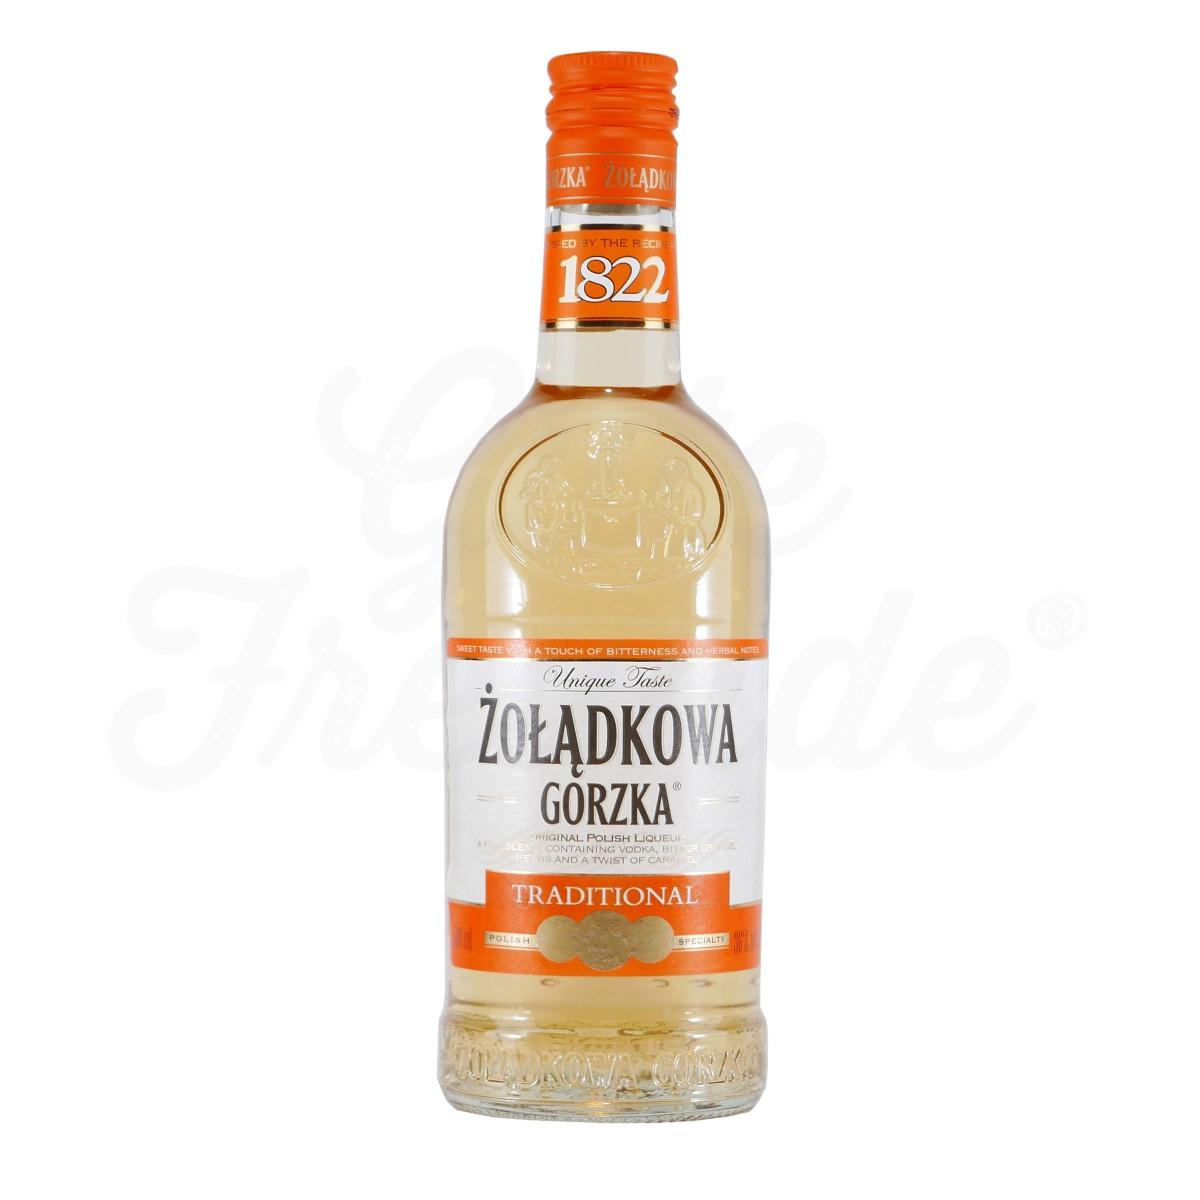 Zoladkowa Gorzka Wodka Traditional / Mint   0,5l 30-34% bei [Trink&Spare / lokal NRW] ab 23.12.